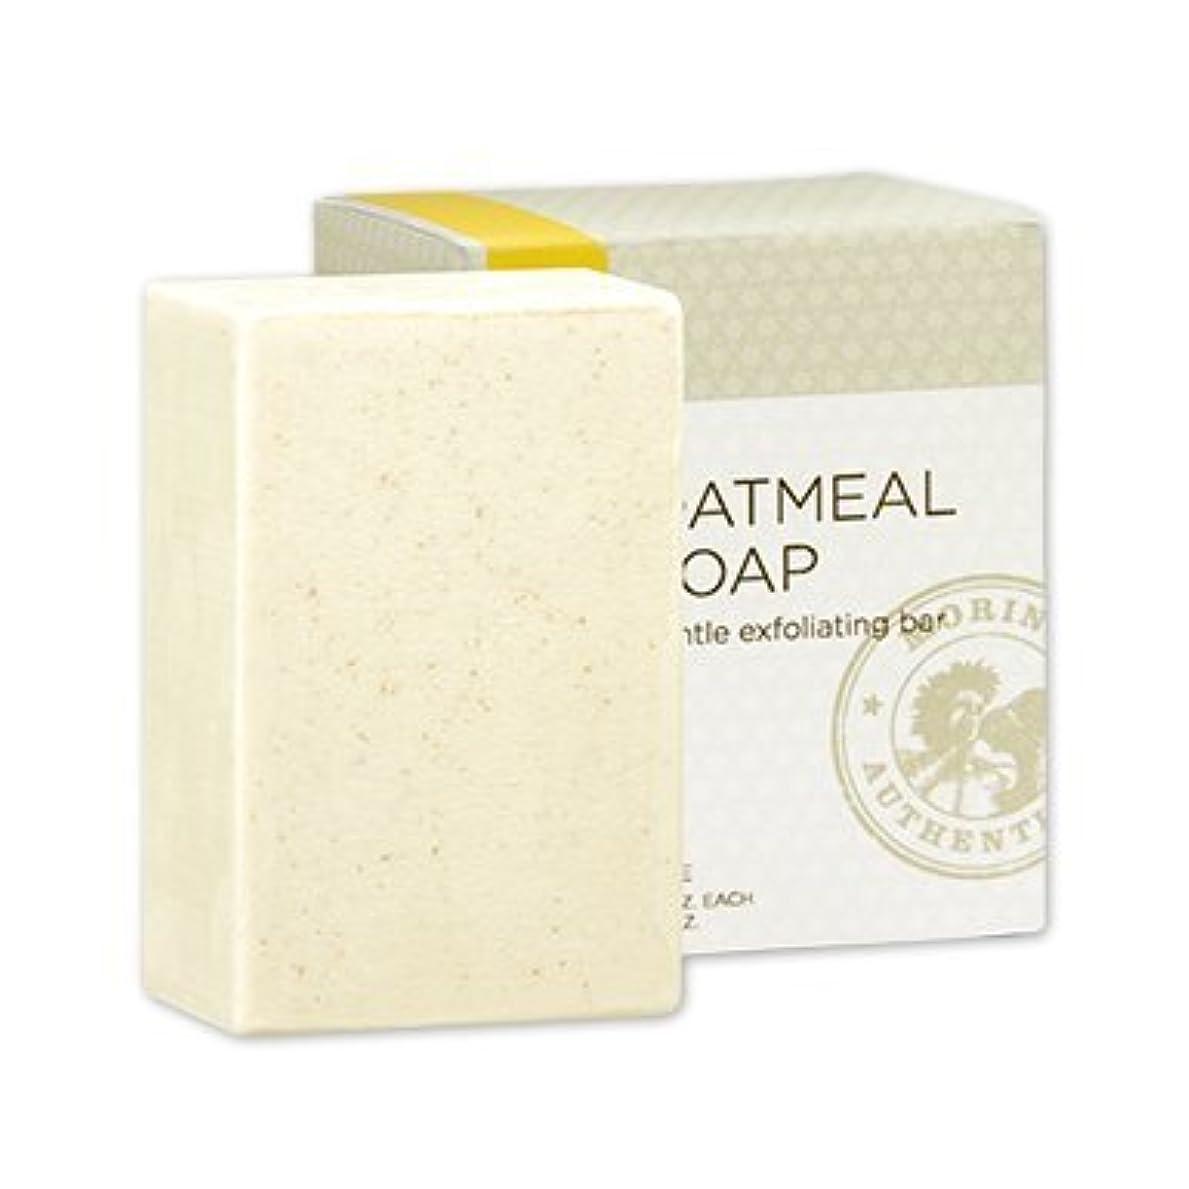 一般化するペッカディロ豆モリンダ MORINDA オートミール 石けん 2個入り タヒチアンノニ OM 石鹸 セッケン ソープ Soap